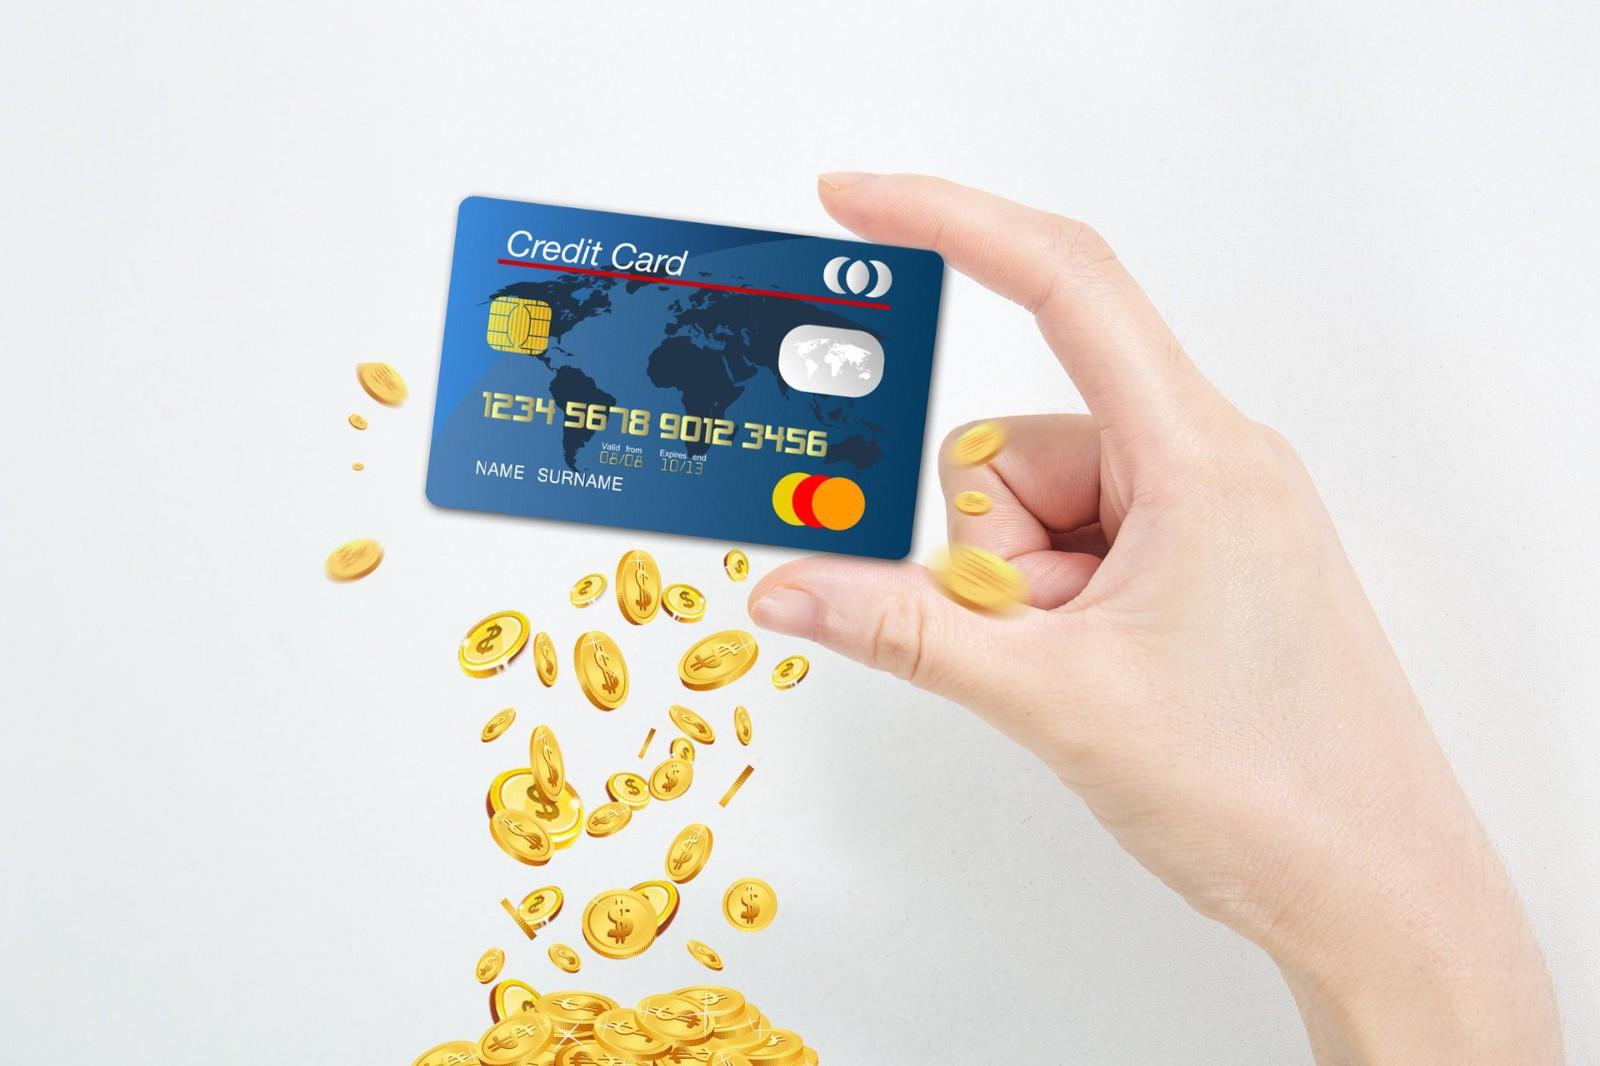 在恋爱期被男朋友办理了信用卡,逾期未归还,应该由谁承担责任?